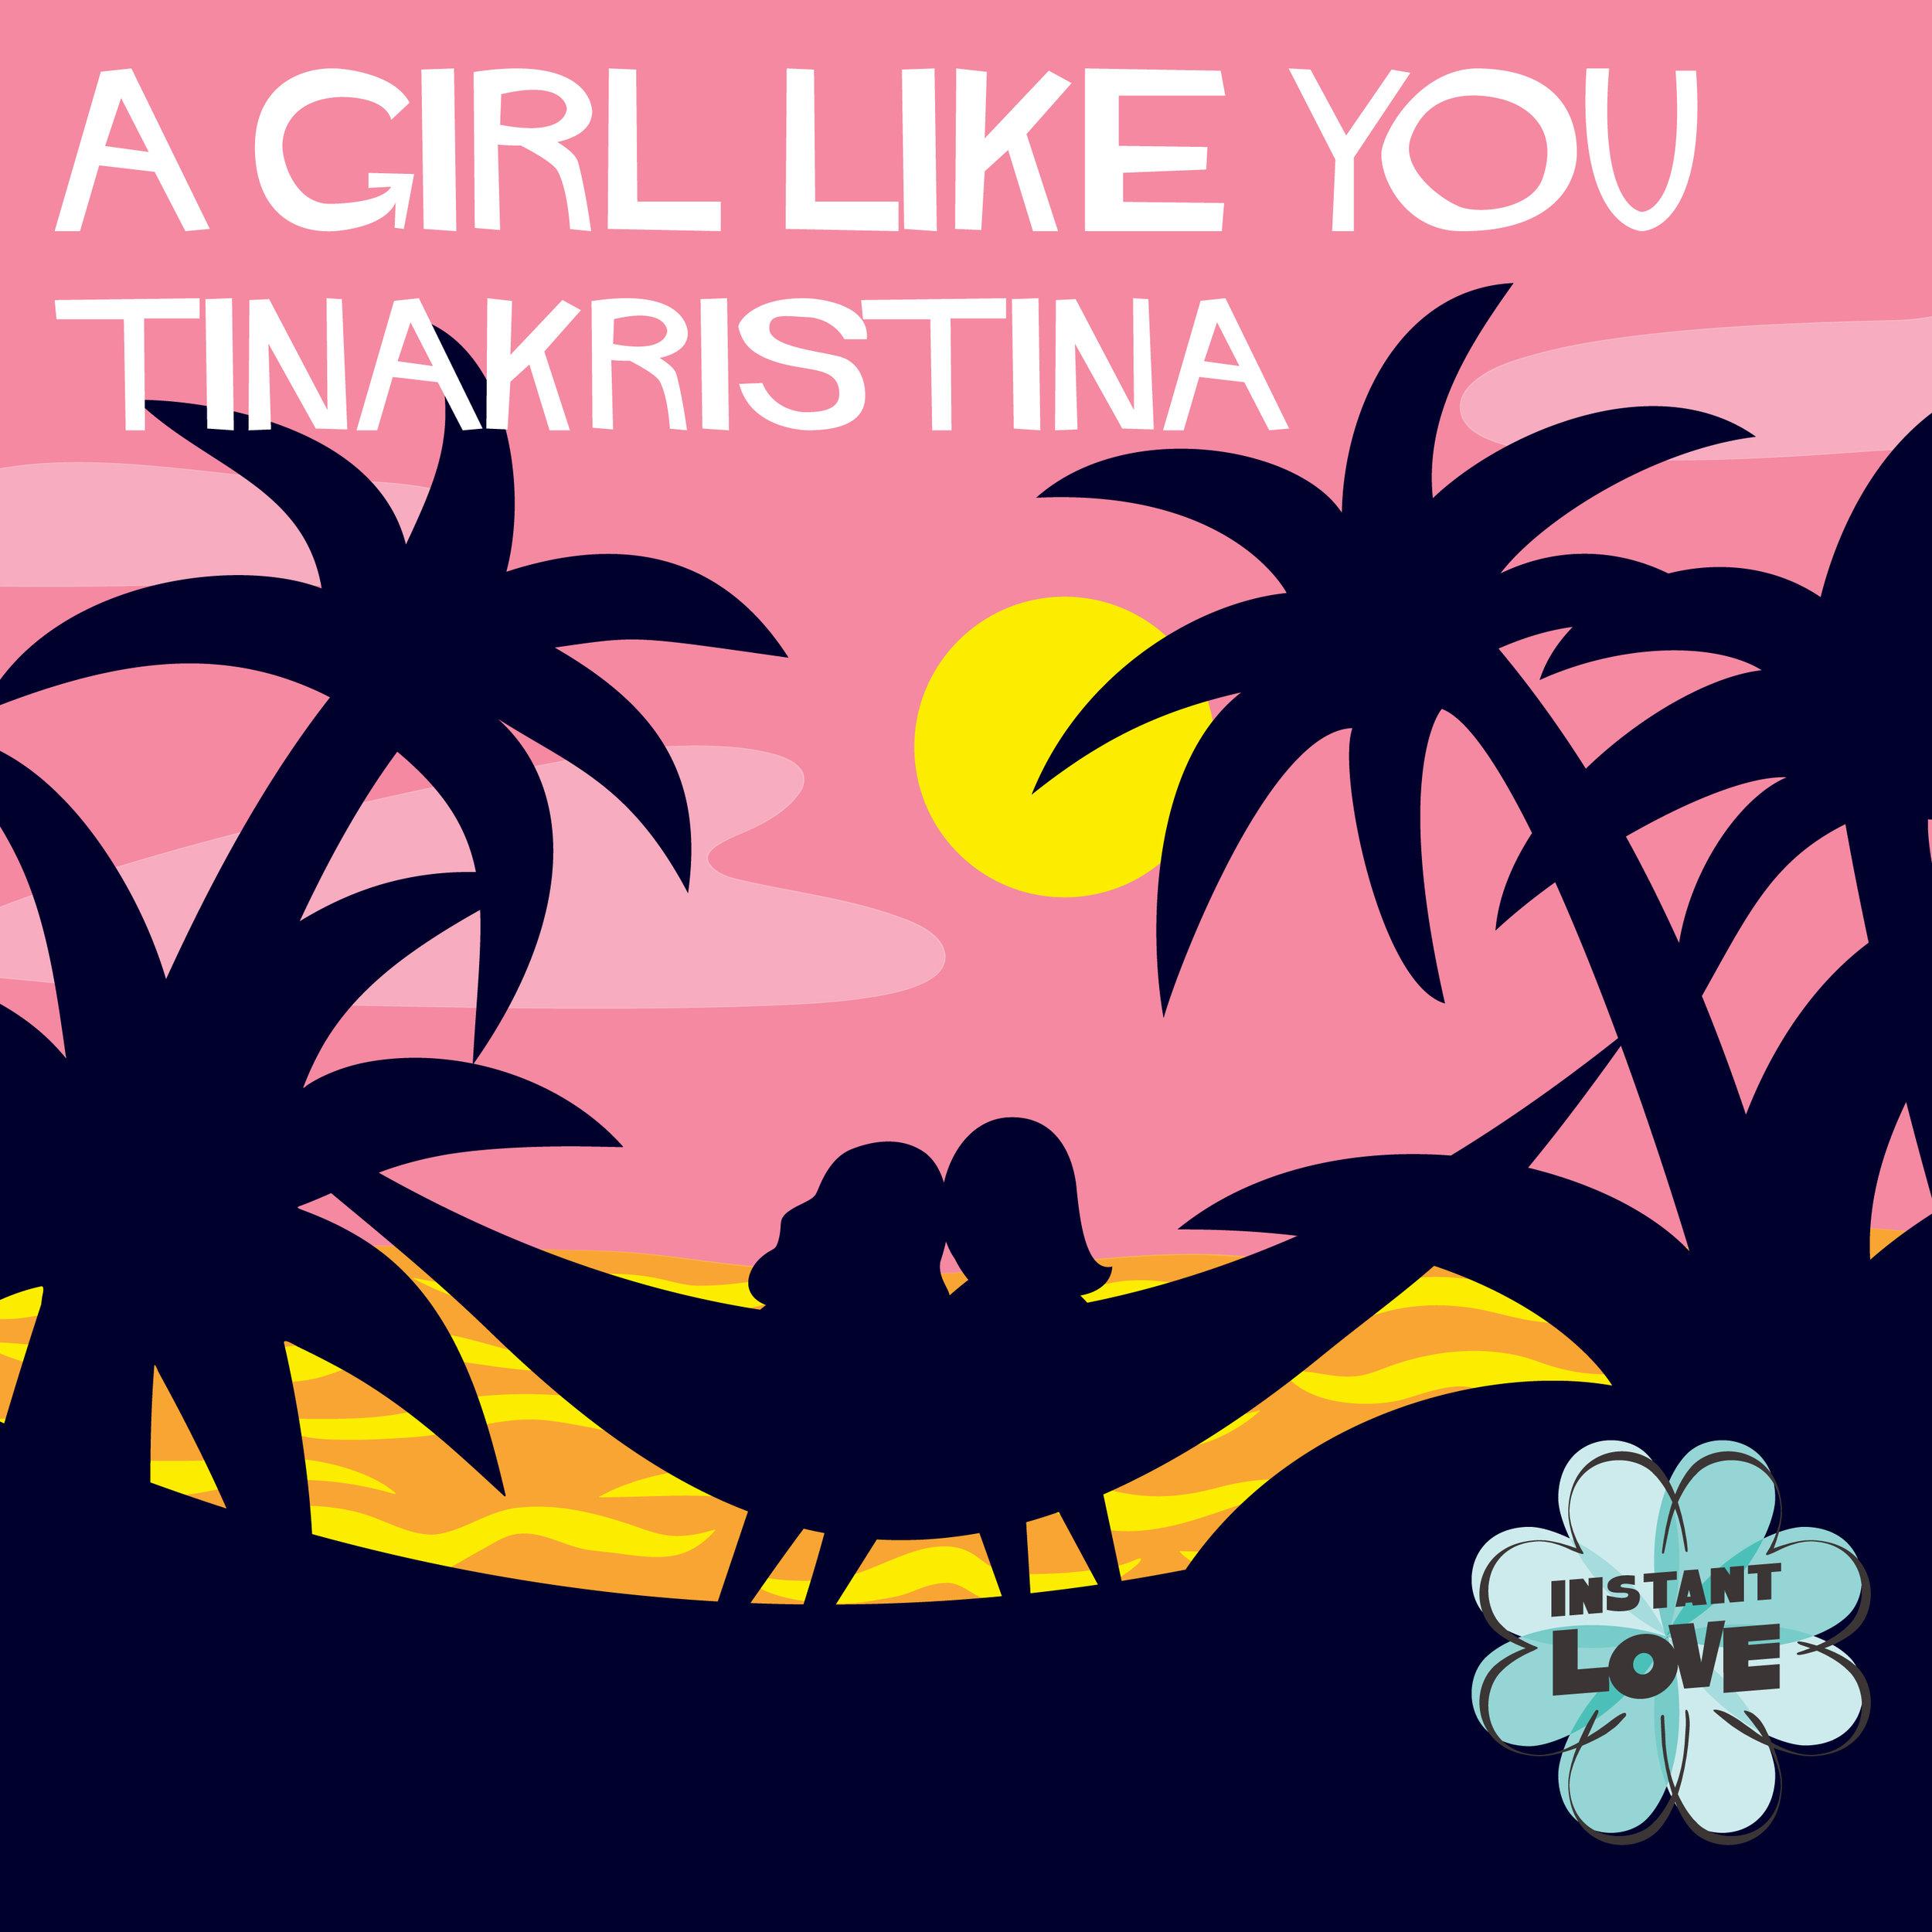 Instant-Love_A-Girl-Like-You_v3_9-1-17.jpg